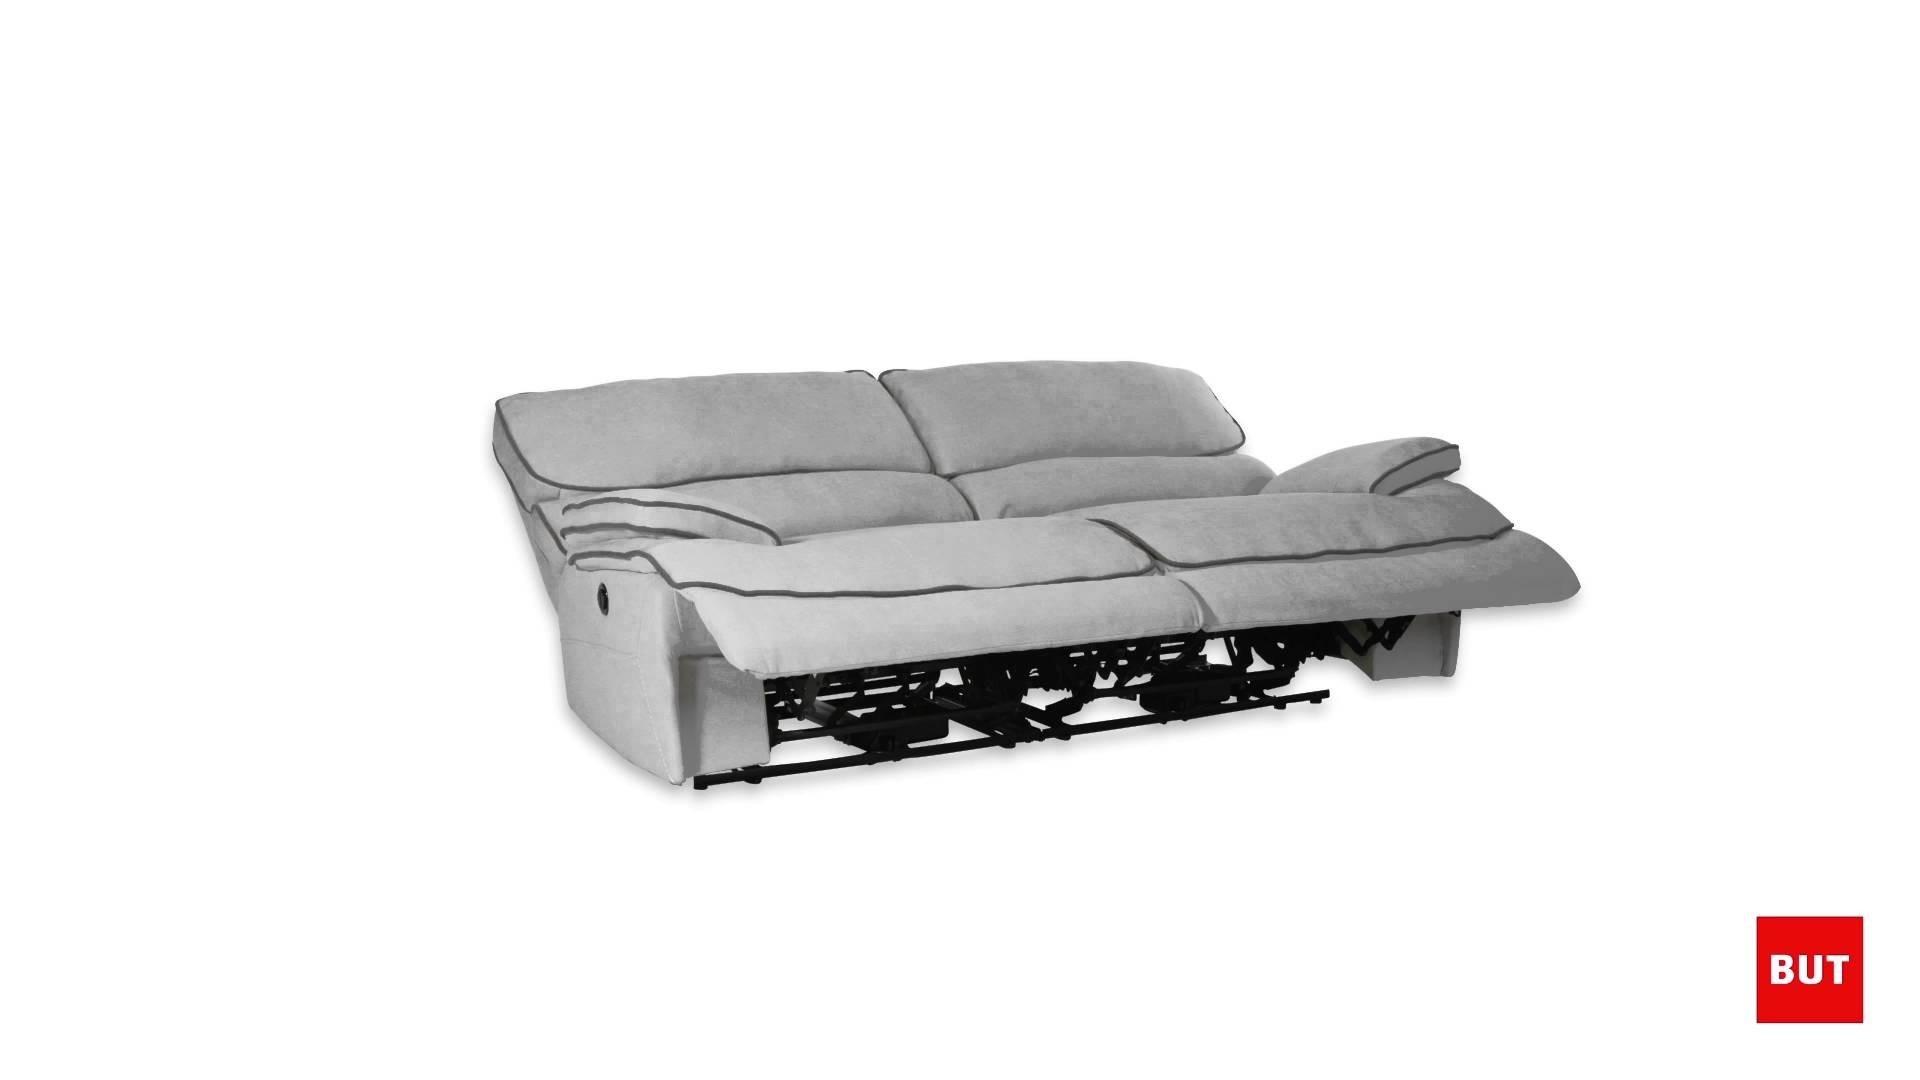 Lit Canapé Escamotable Ikea Impressionnant Photos Lit Armoire Canapé Beautiful Canap En U Convertible 12 Full Canape D